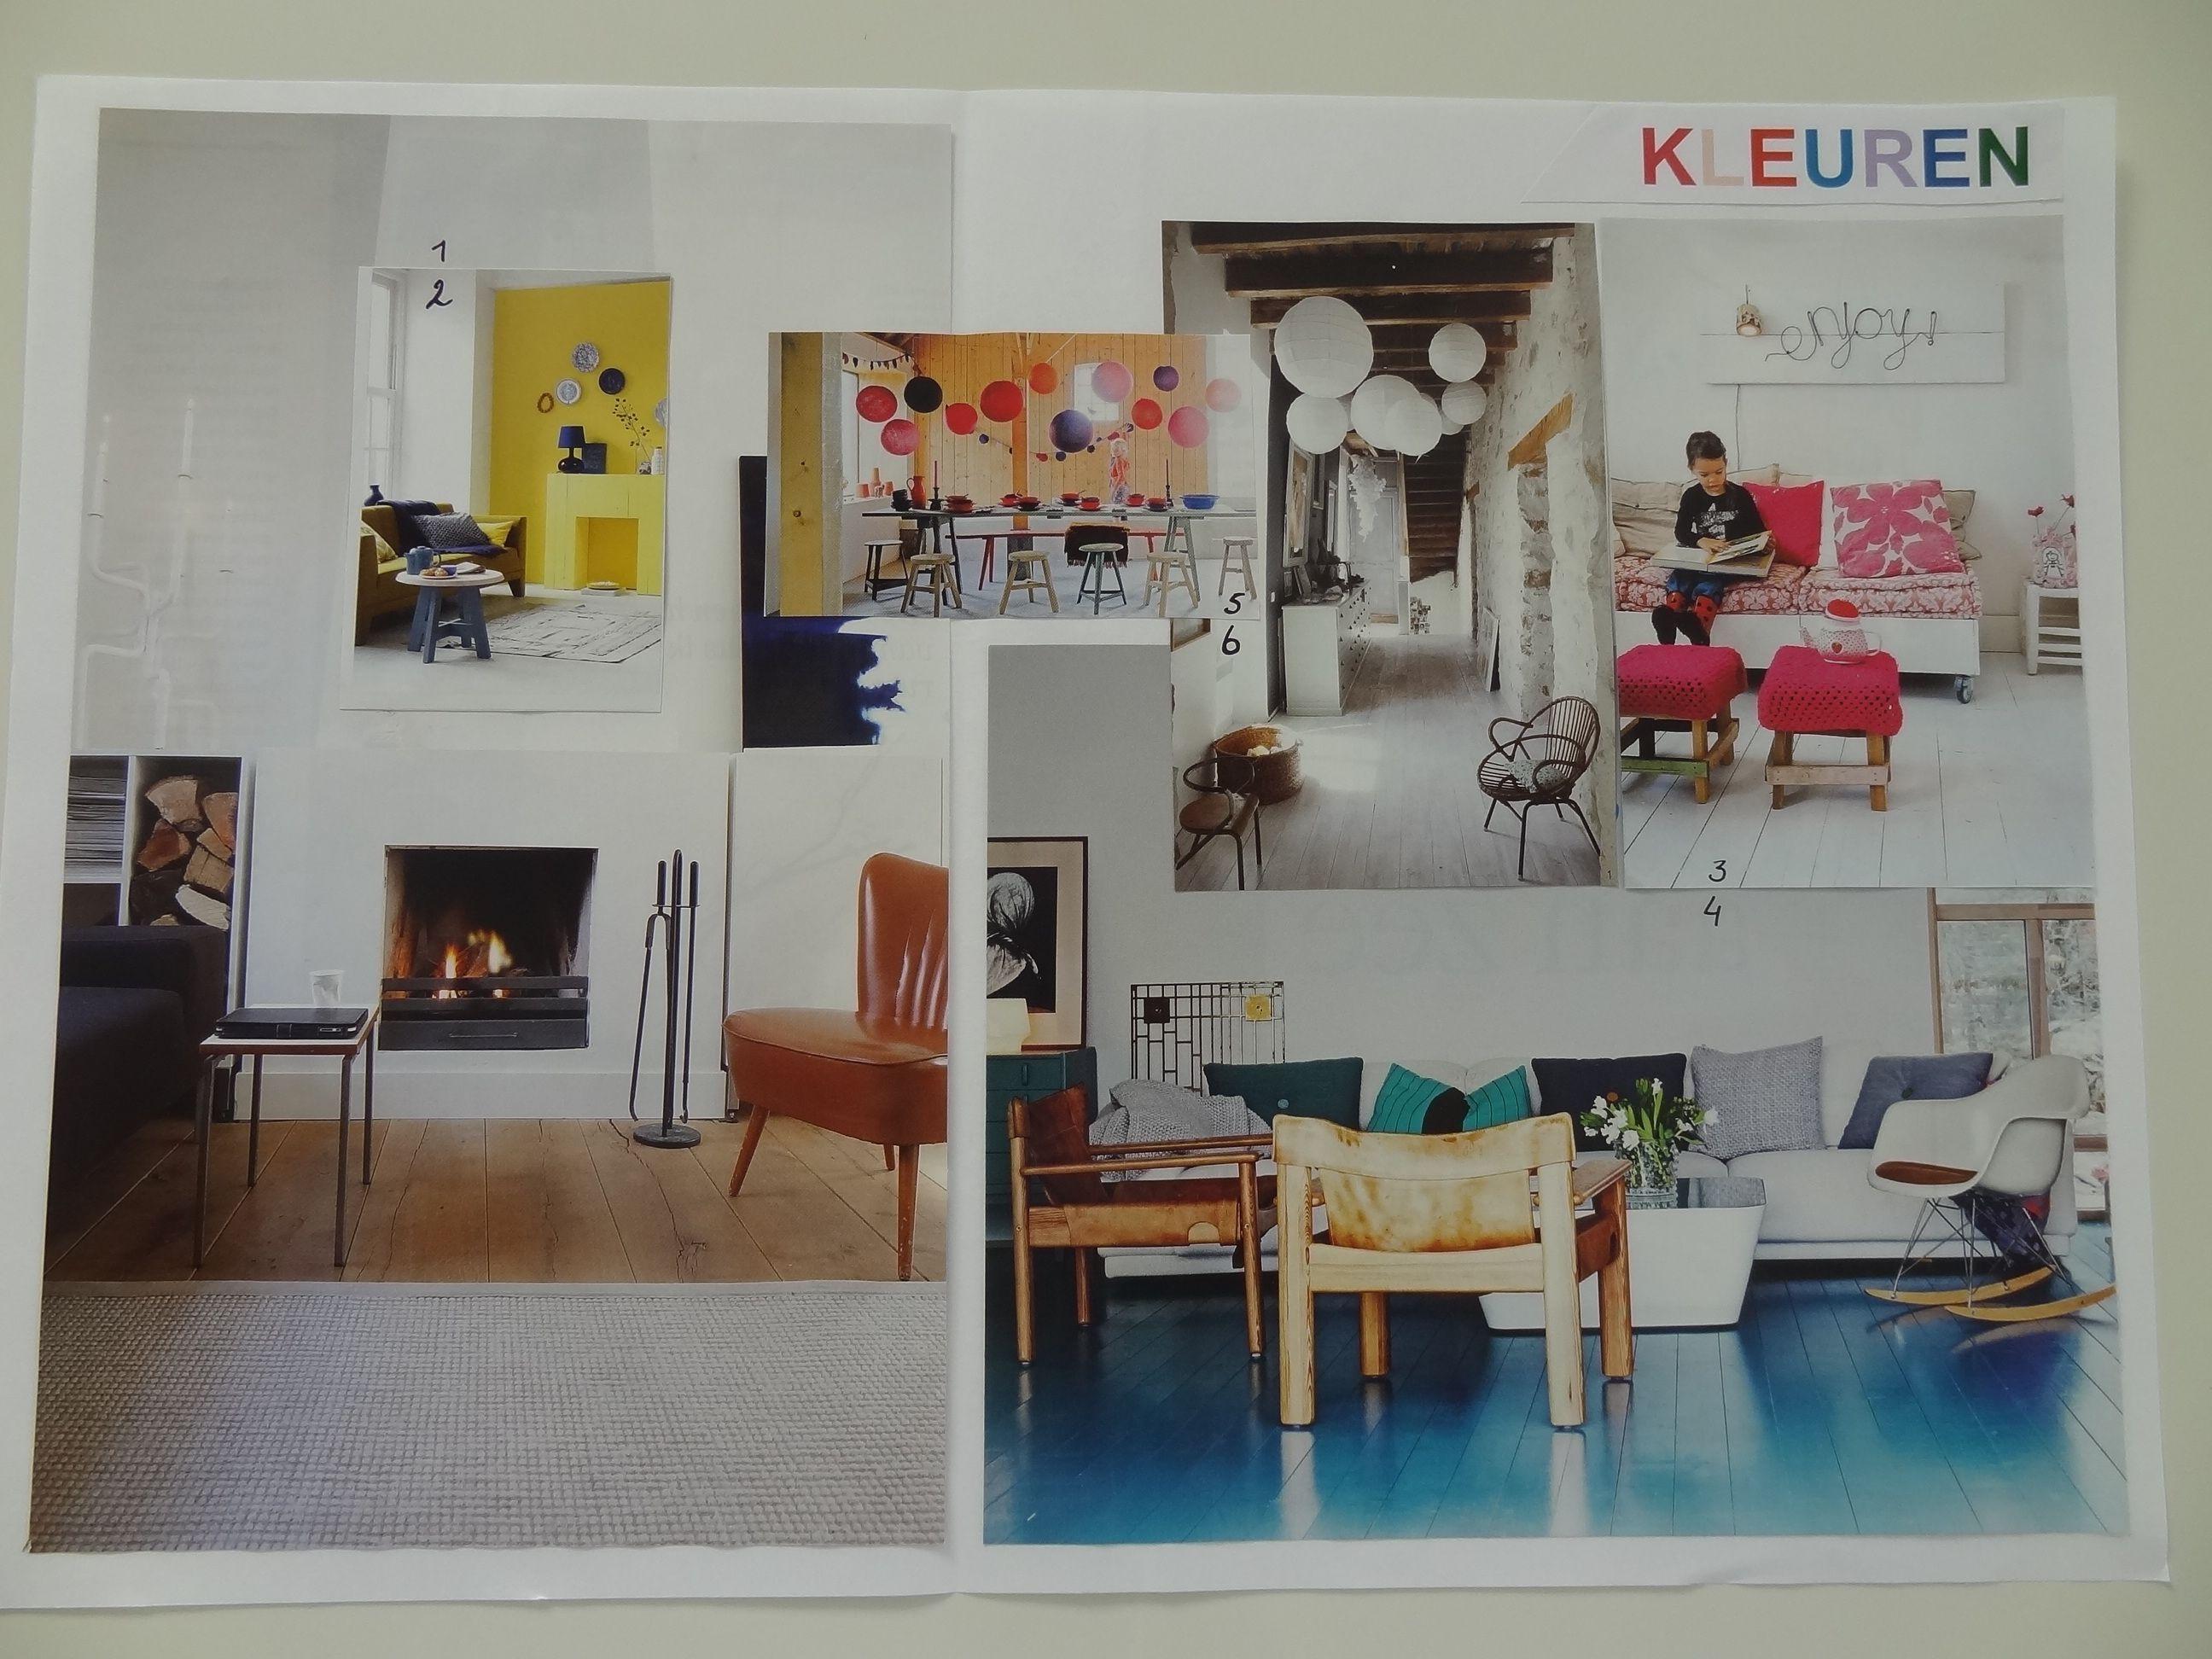 Interieur ontwerpbouwsteen kleuren praktijkopdracht 3 for Interieur kleuren